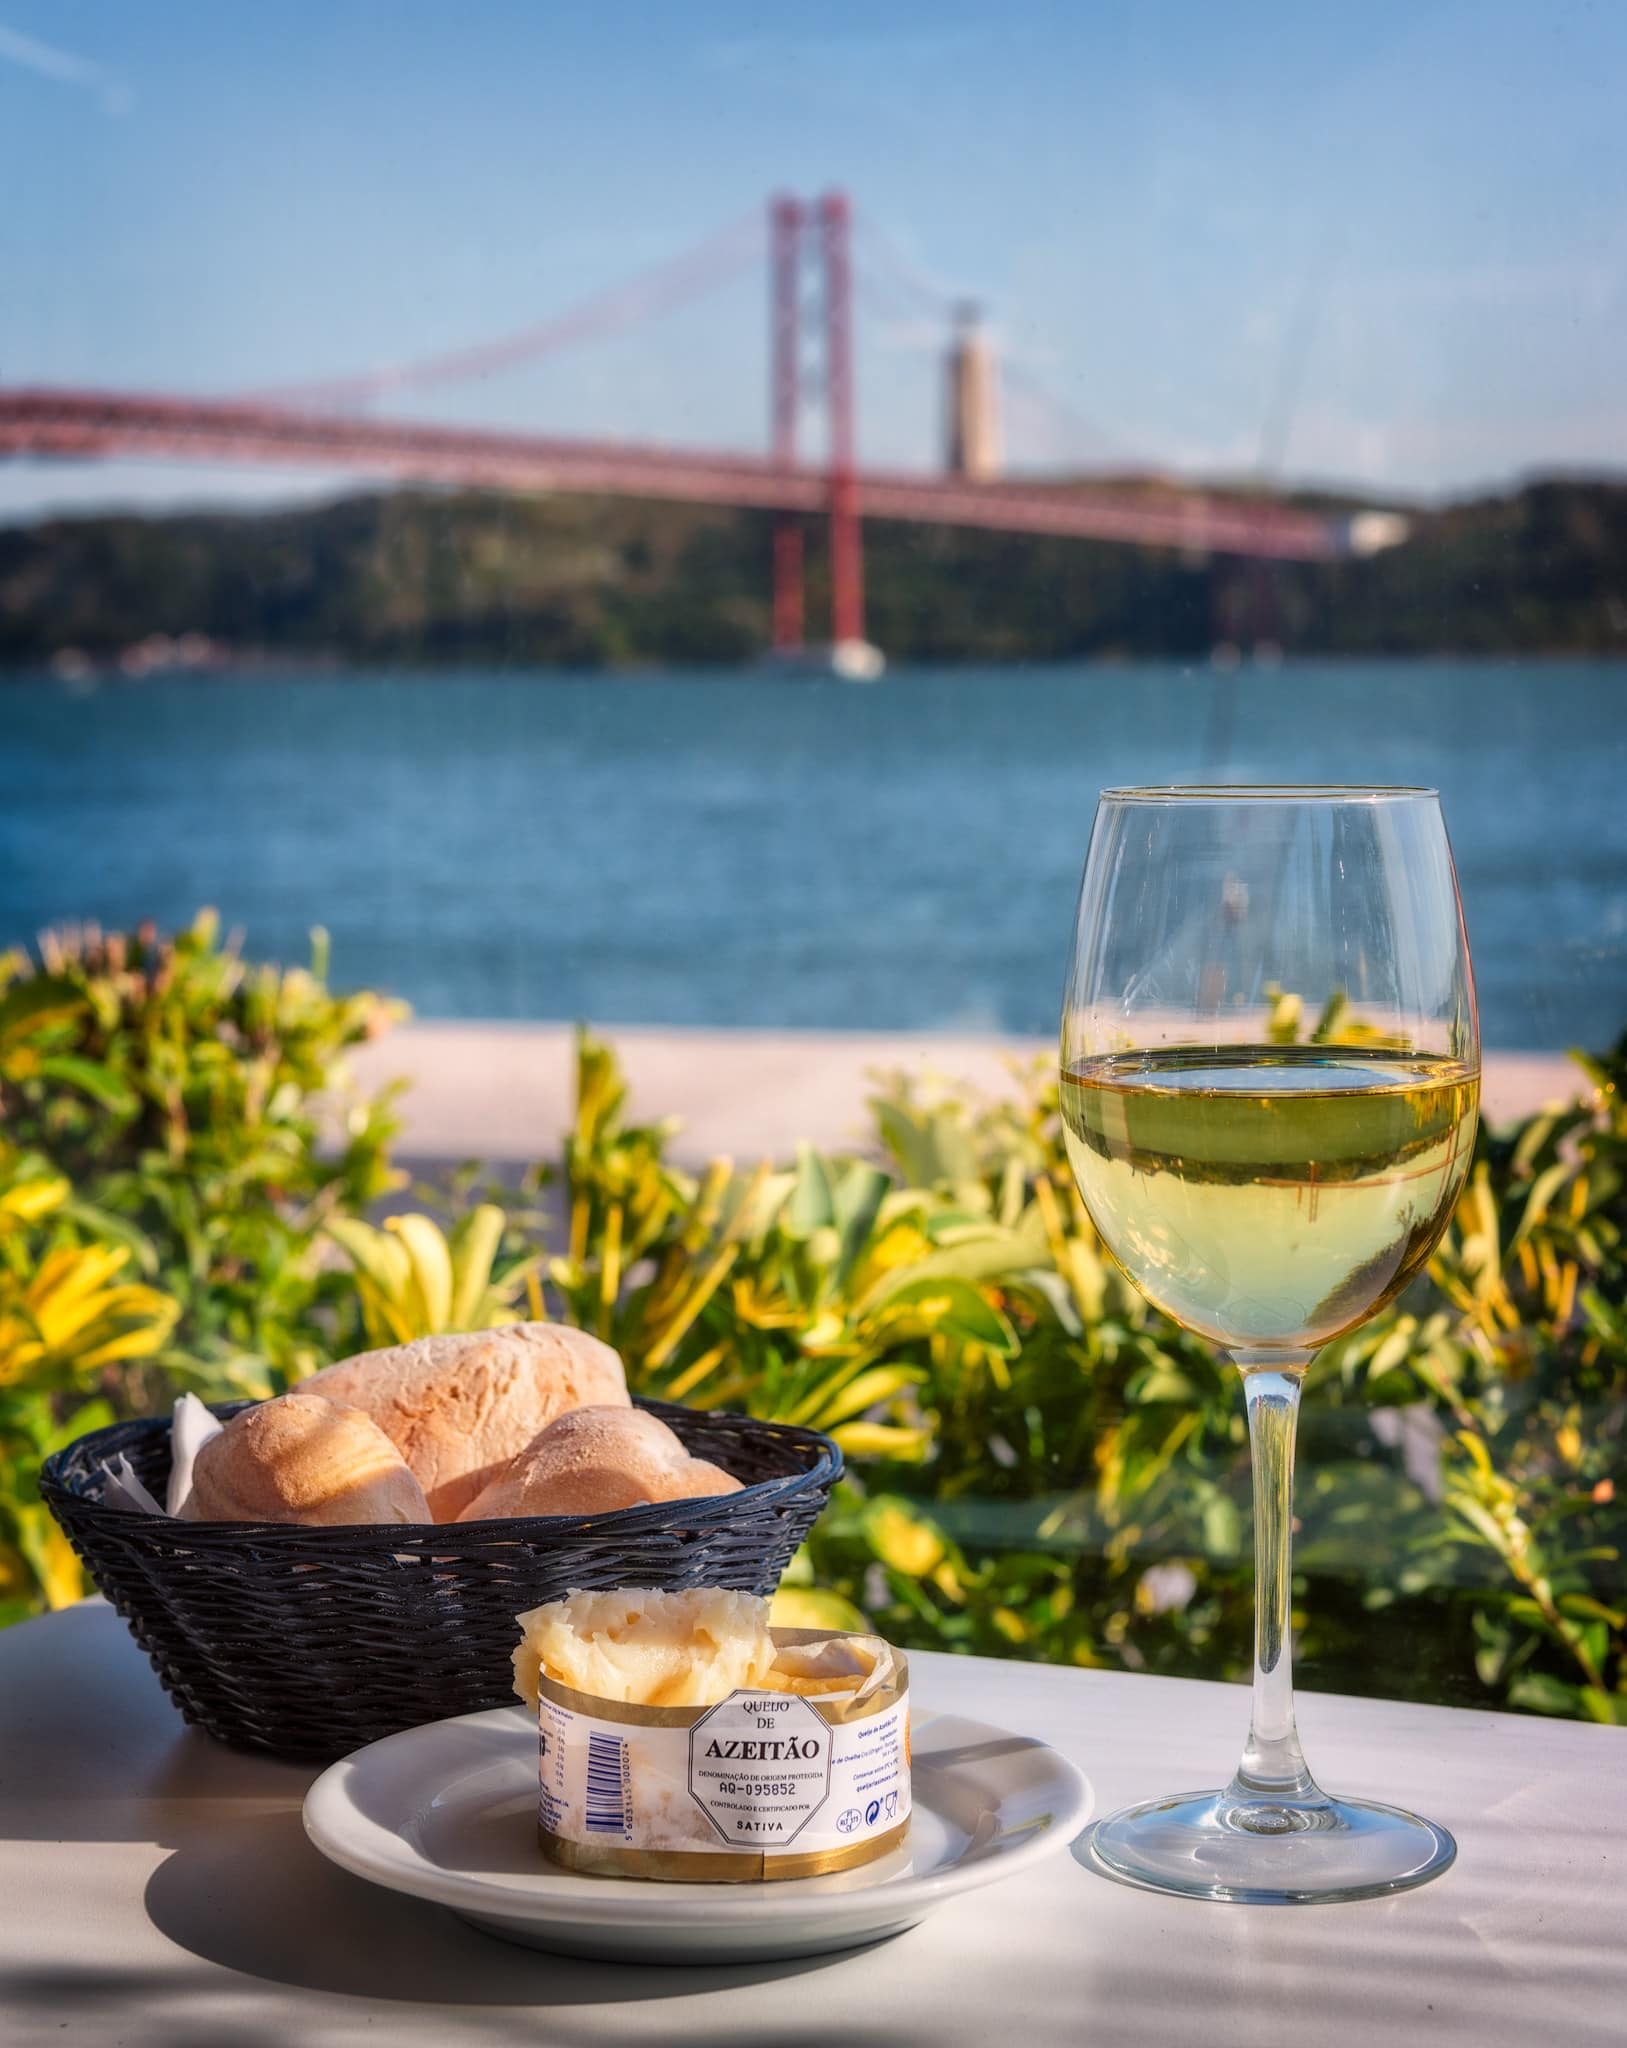 Lissabon - Queijo de Azeitão und Vinho Verde; Portugal